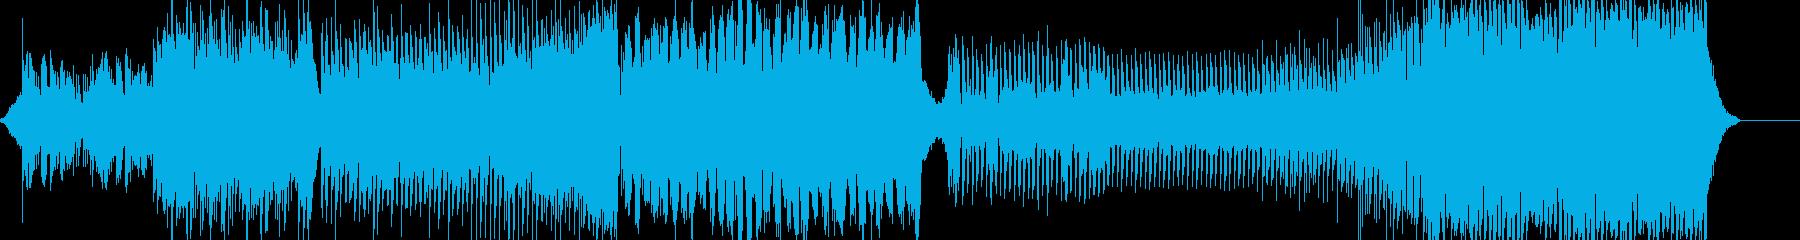 可愛いfuturebassの再生済みの波形